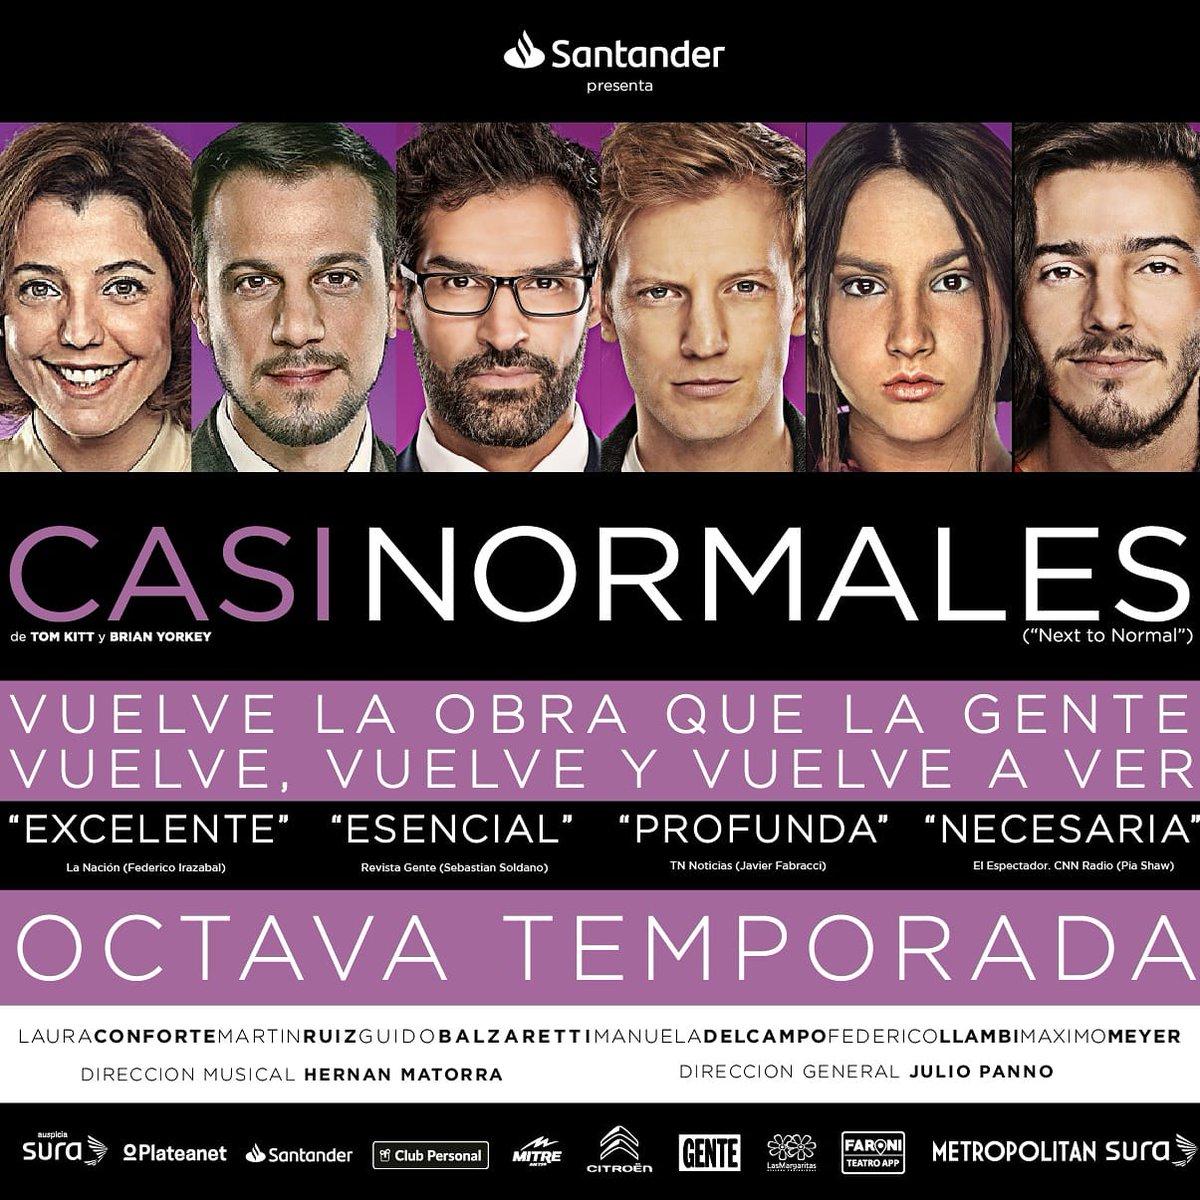 Estreno 9 de Enero⚡8va Temporada⚡@teatrometsura Entradas aquí  #sernormalnoestannormal